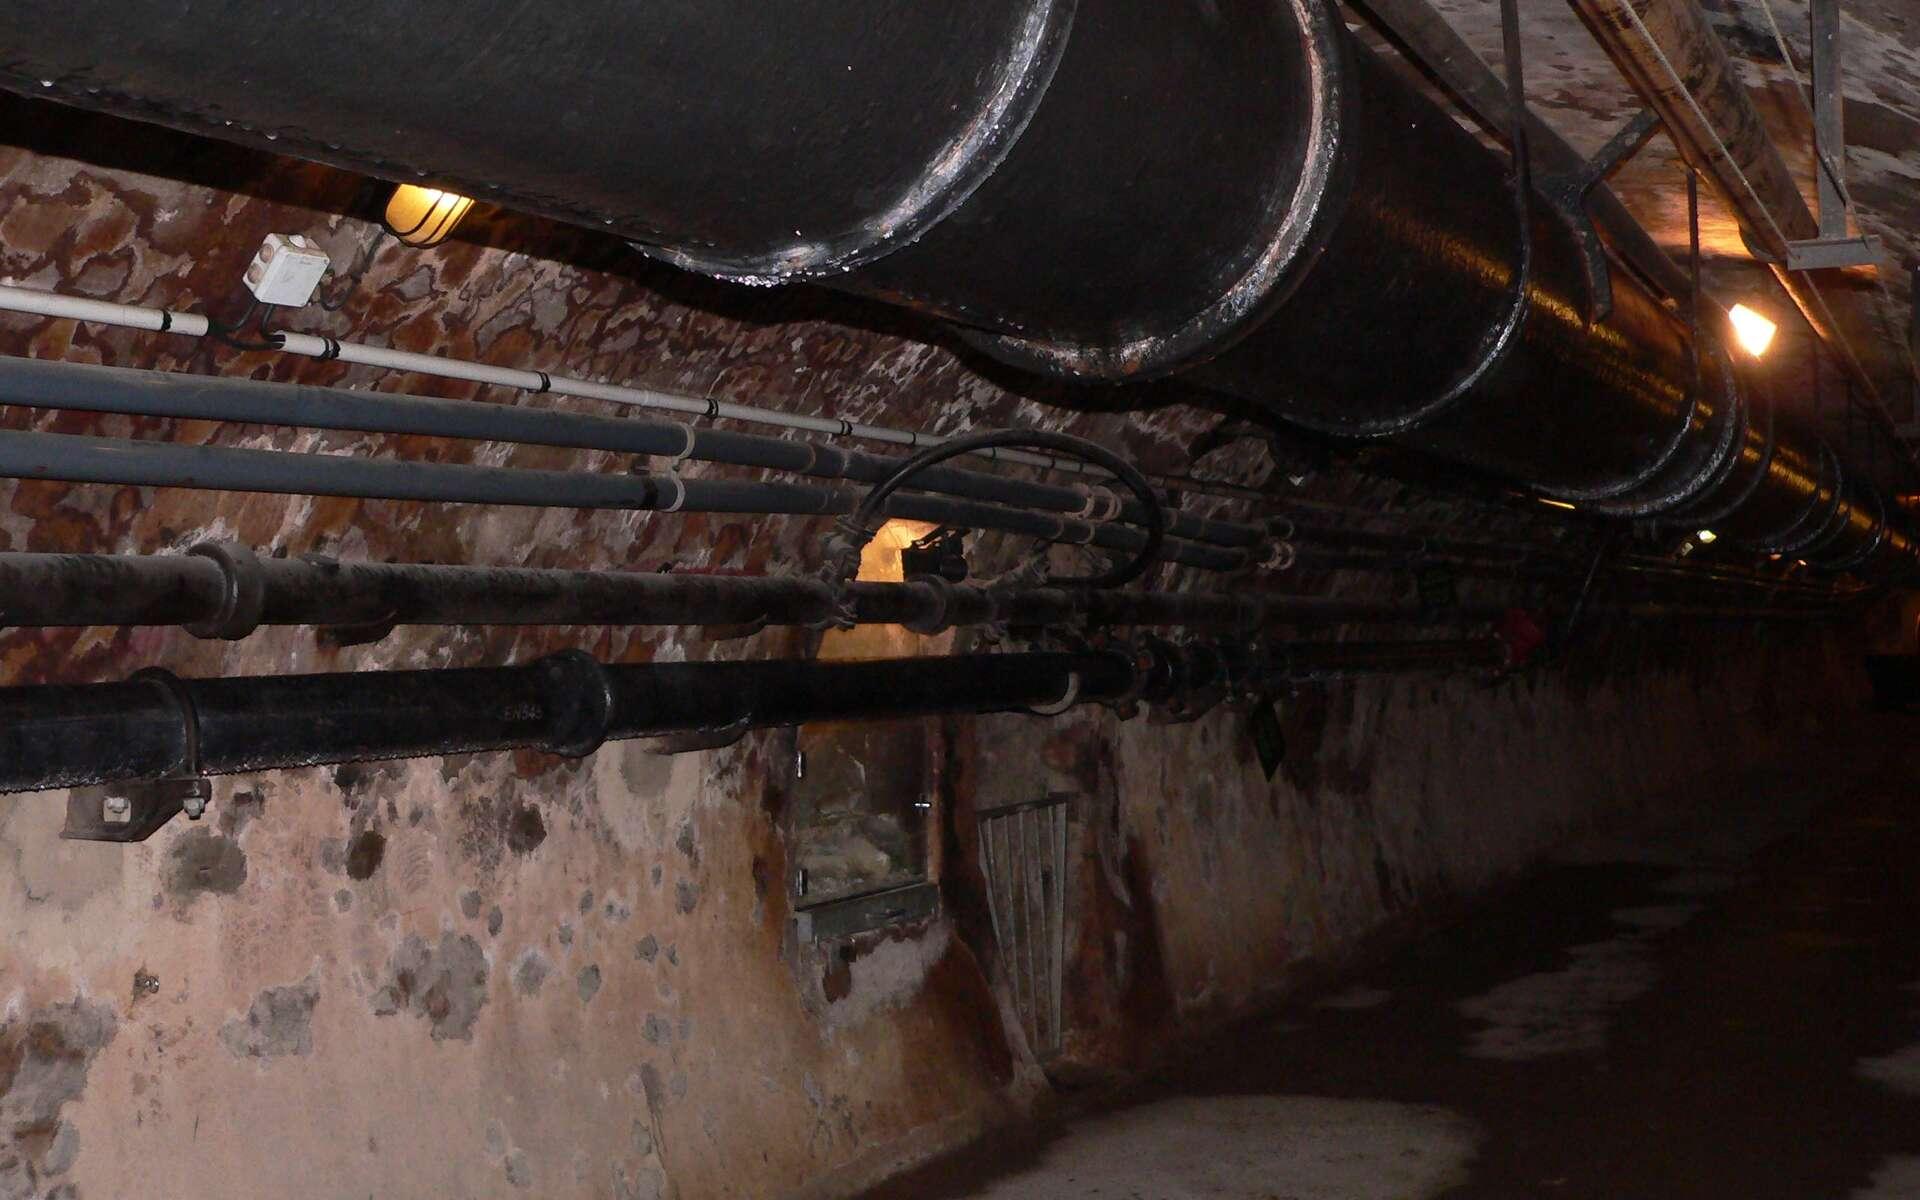 Les canalisations souterraines courent le long des parois dans les égouts de Paris. © Rama, CC BY-SA 3.0, Wikimedia Commons